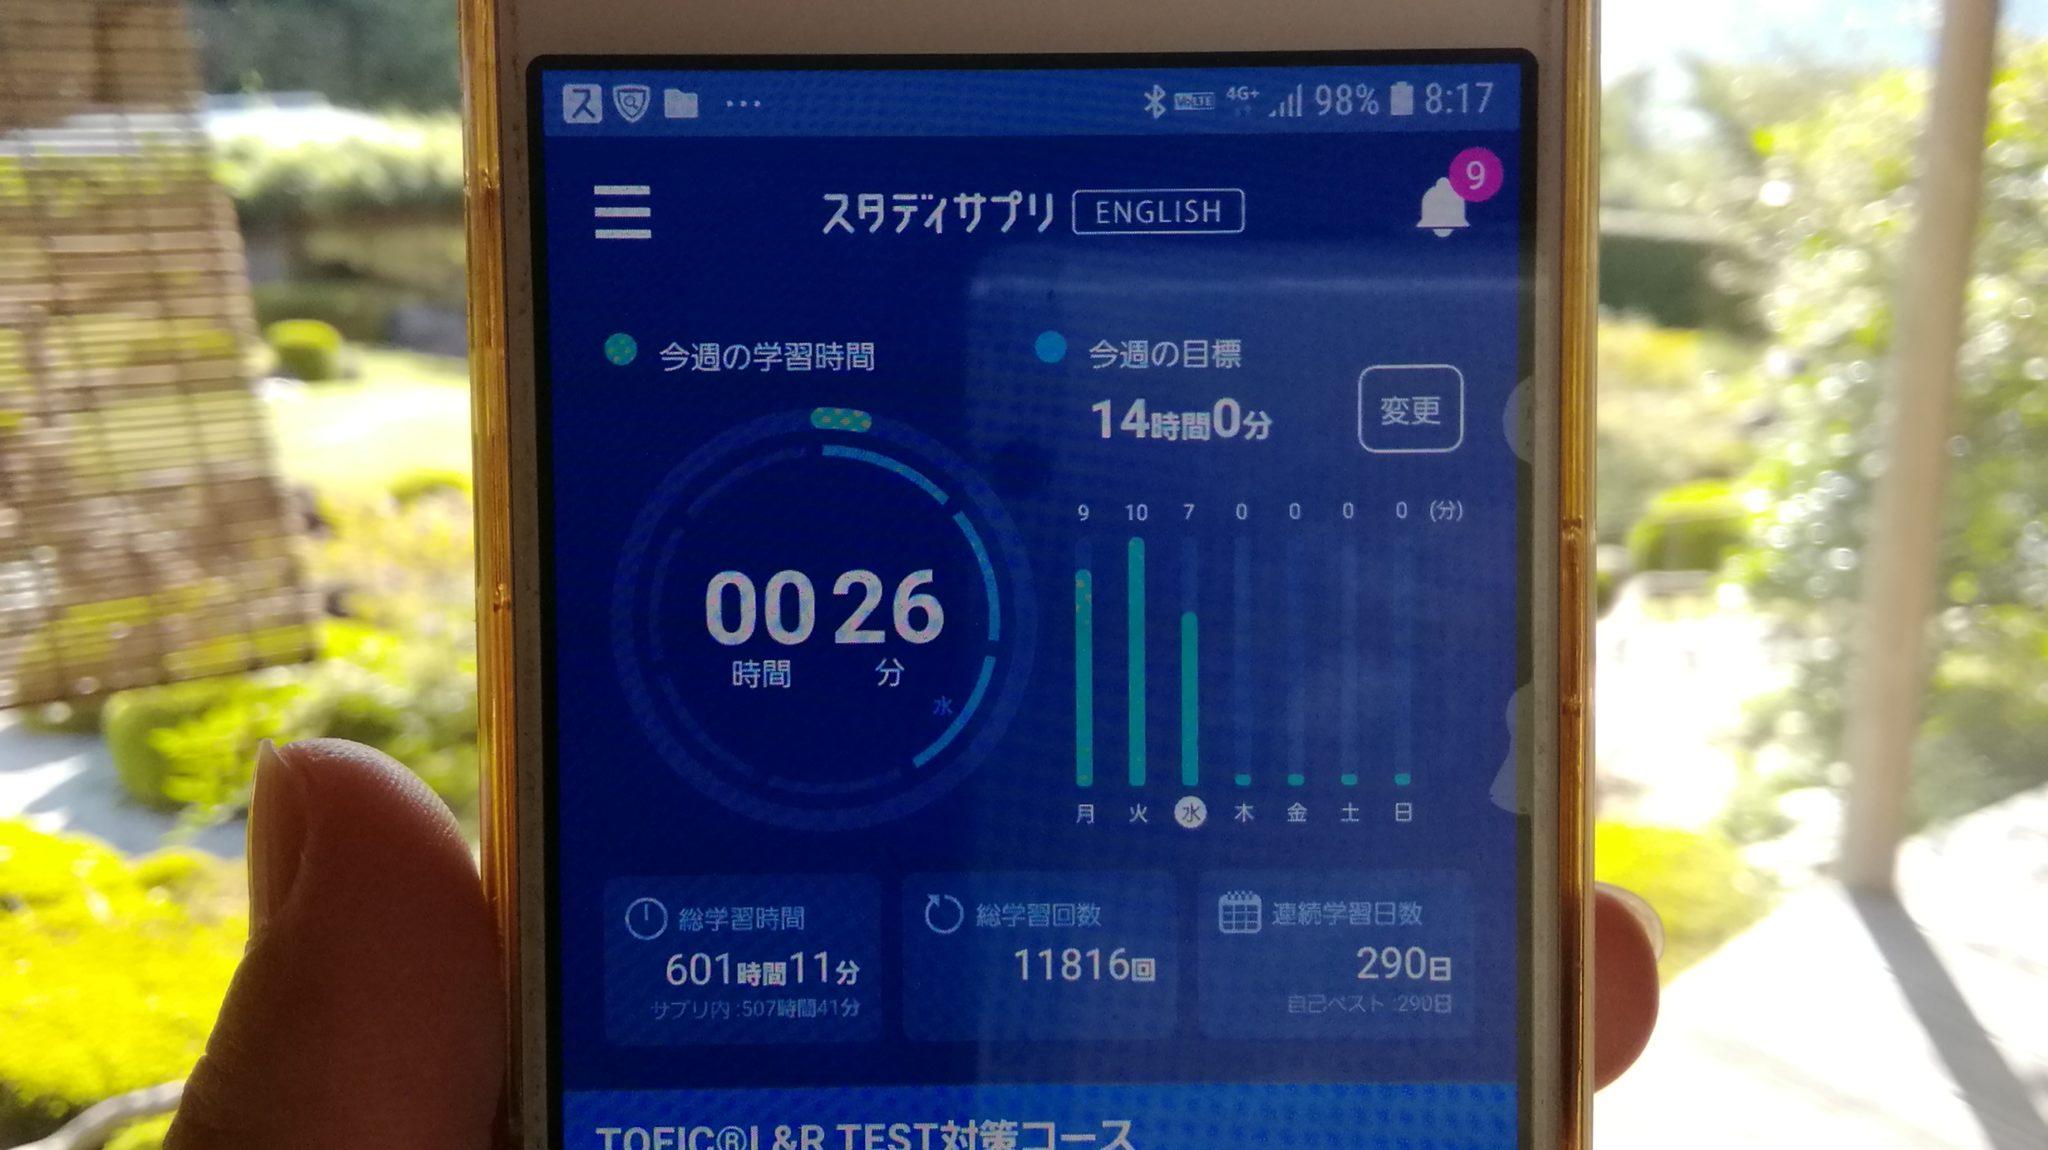 289日目スタディサプリTOEICブログ写真①